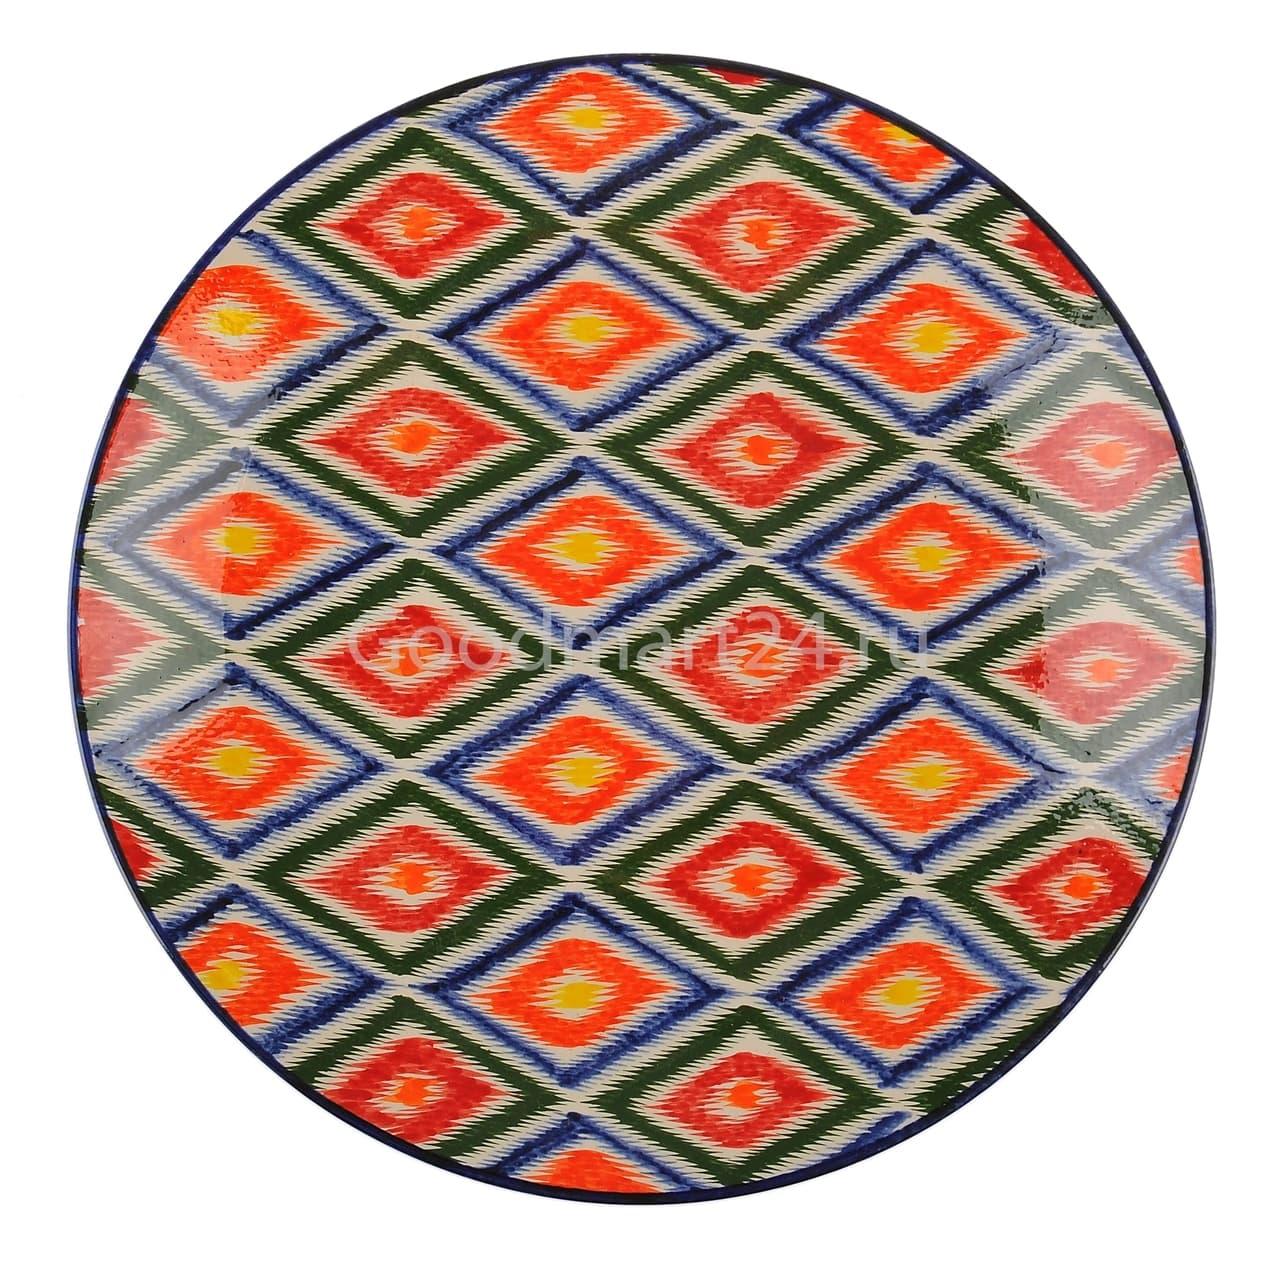 Ляган Риштанская Керамика 38 см. плоский, Атлас - фото 7415